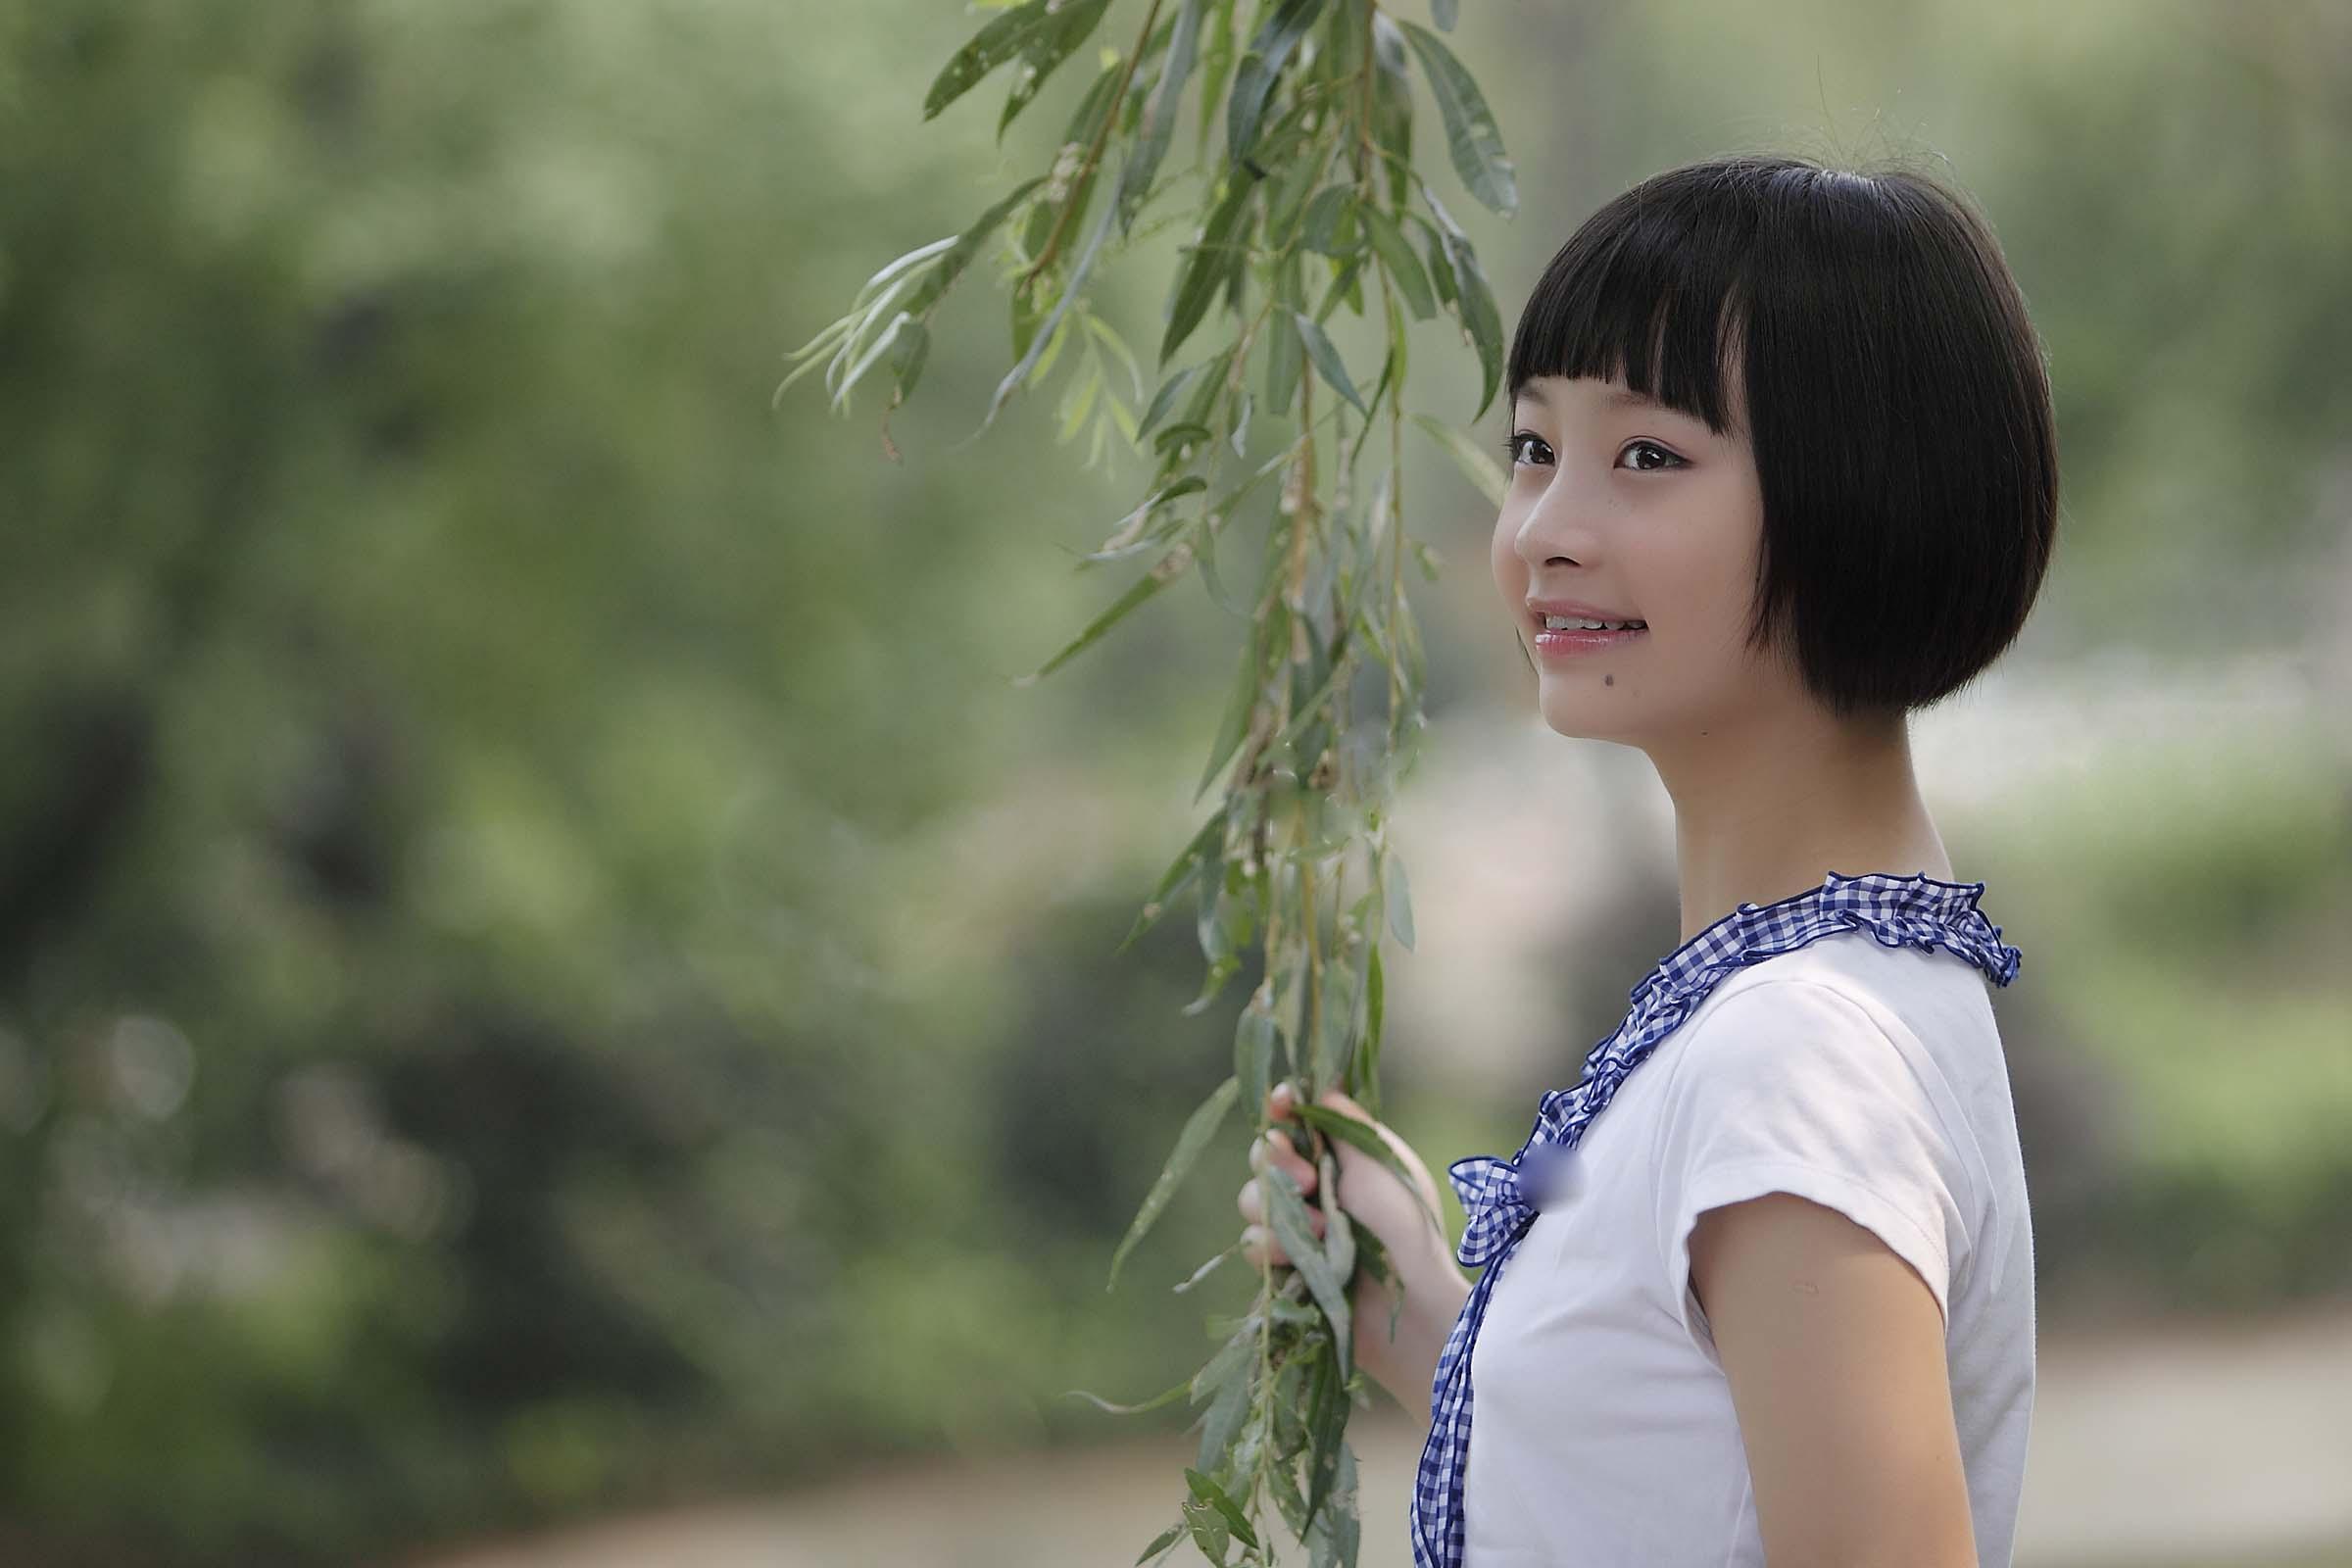 原創】漂亮的聊吧女生-攝友中學-初中中國網-3渝北光影有沒有八中圖片